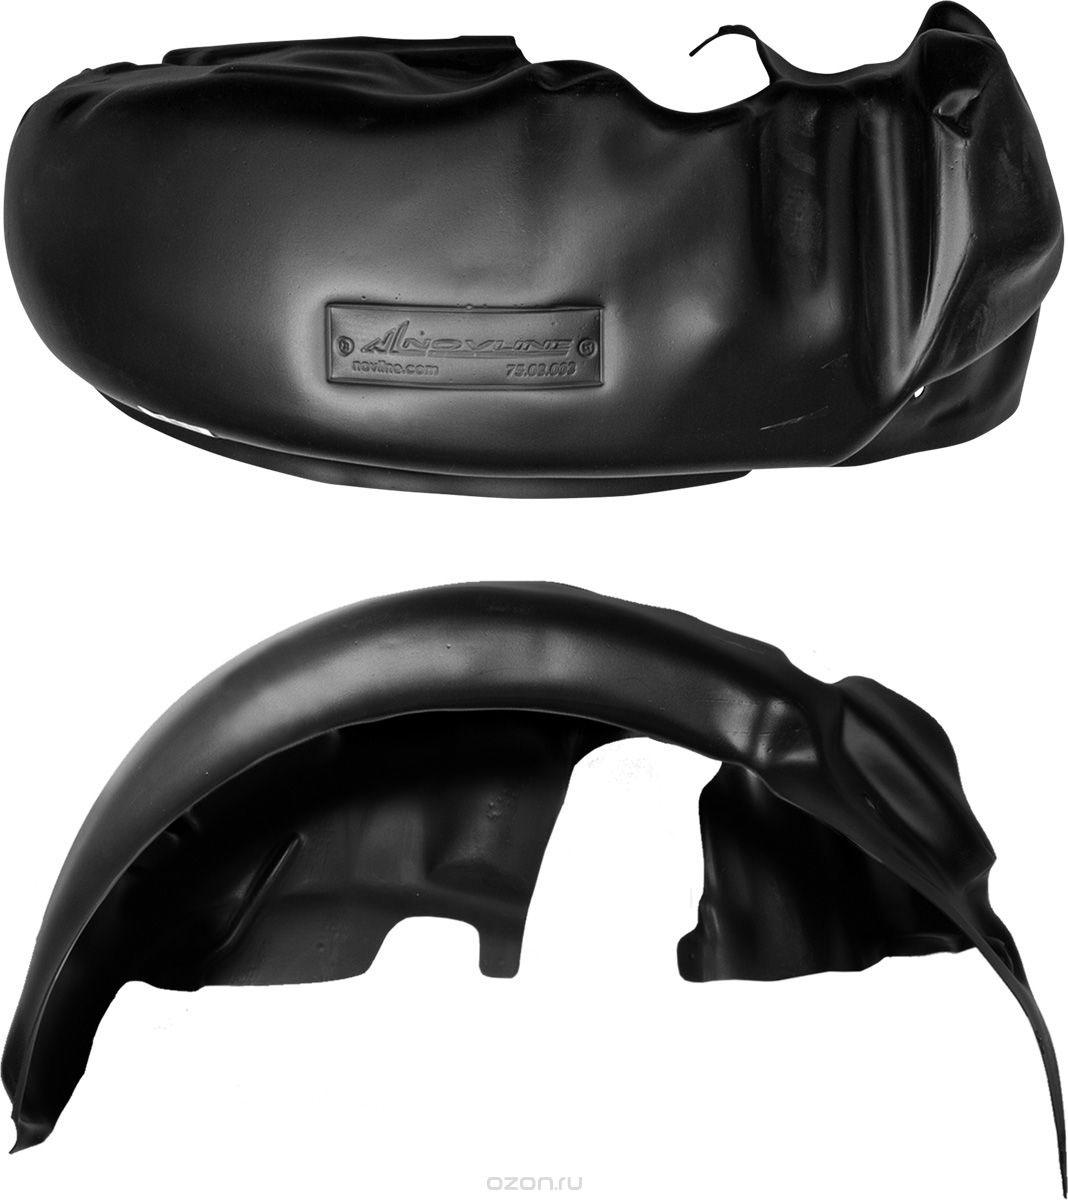 Подкрылок Novline-Autofamily, для GEELY MK Cross, 2010->, задний правыйDW90Идеальная защита колесной ниши. Локеры разработаны с применением цифровых технологий, гарантируют максимальную повторяемость поверхности арки. Изделия устанавливаются без нарушения лакокрасочного покрытия автомобиля, каждый подкрылок комплектуется крепежом. Уважаемые клиенты, обращаем ваше внимание, что фотографии на подкрылки универсальные и не отражают реальную форму изделия. При этом само изделие идет точно под размер указанного автомобиля.